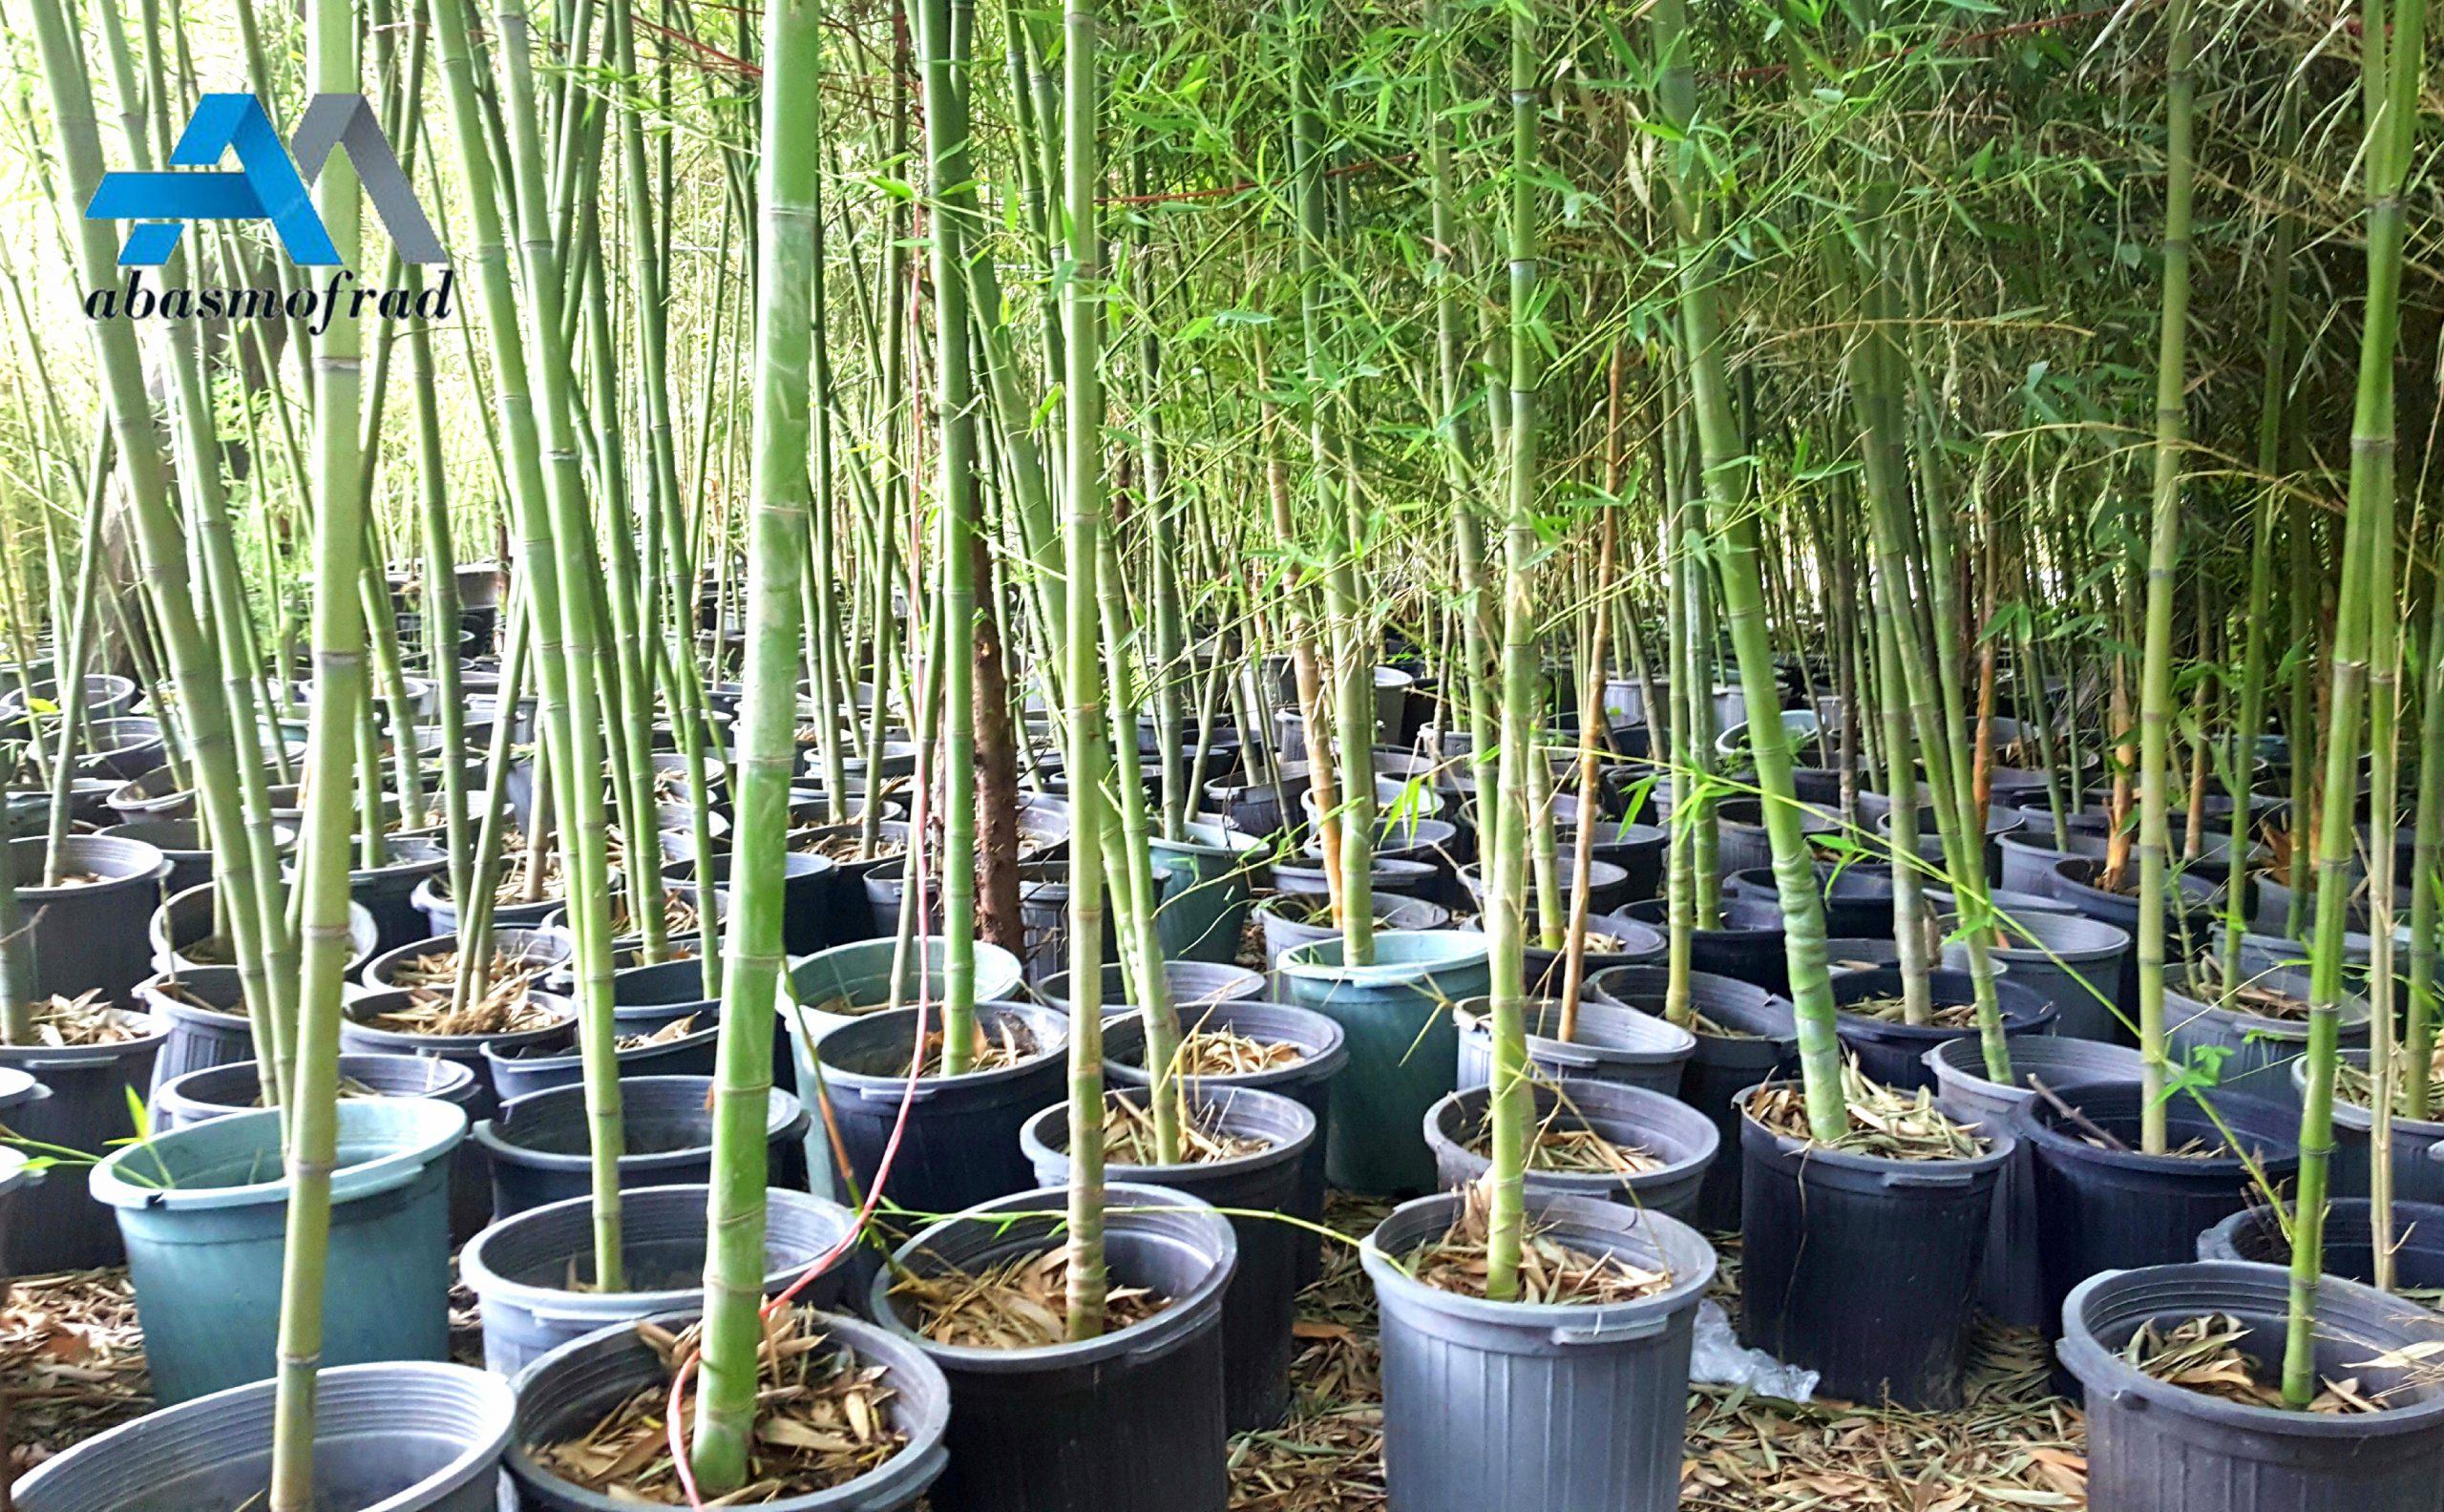 فروش درخت بامبو در تهران